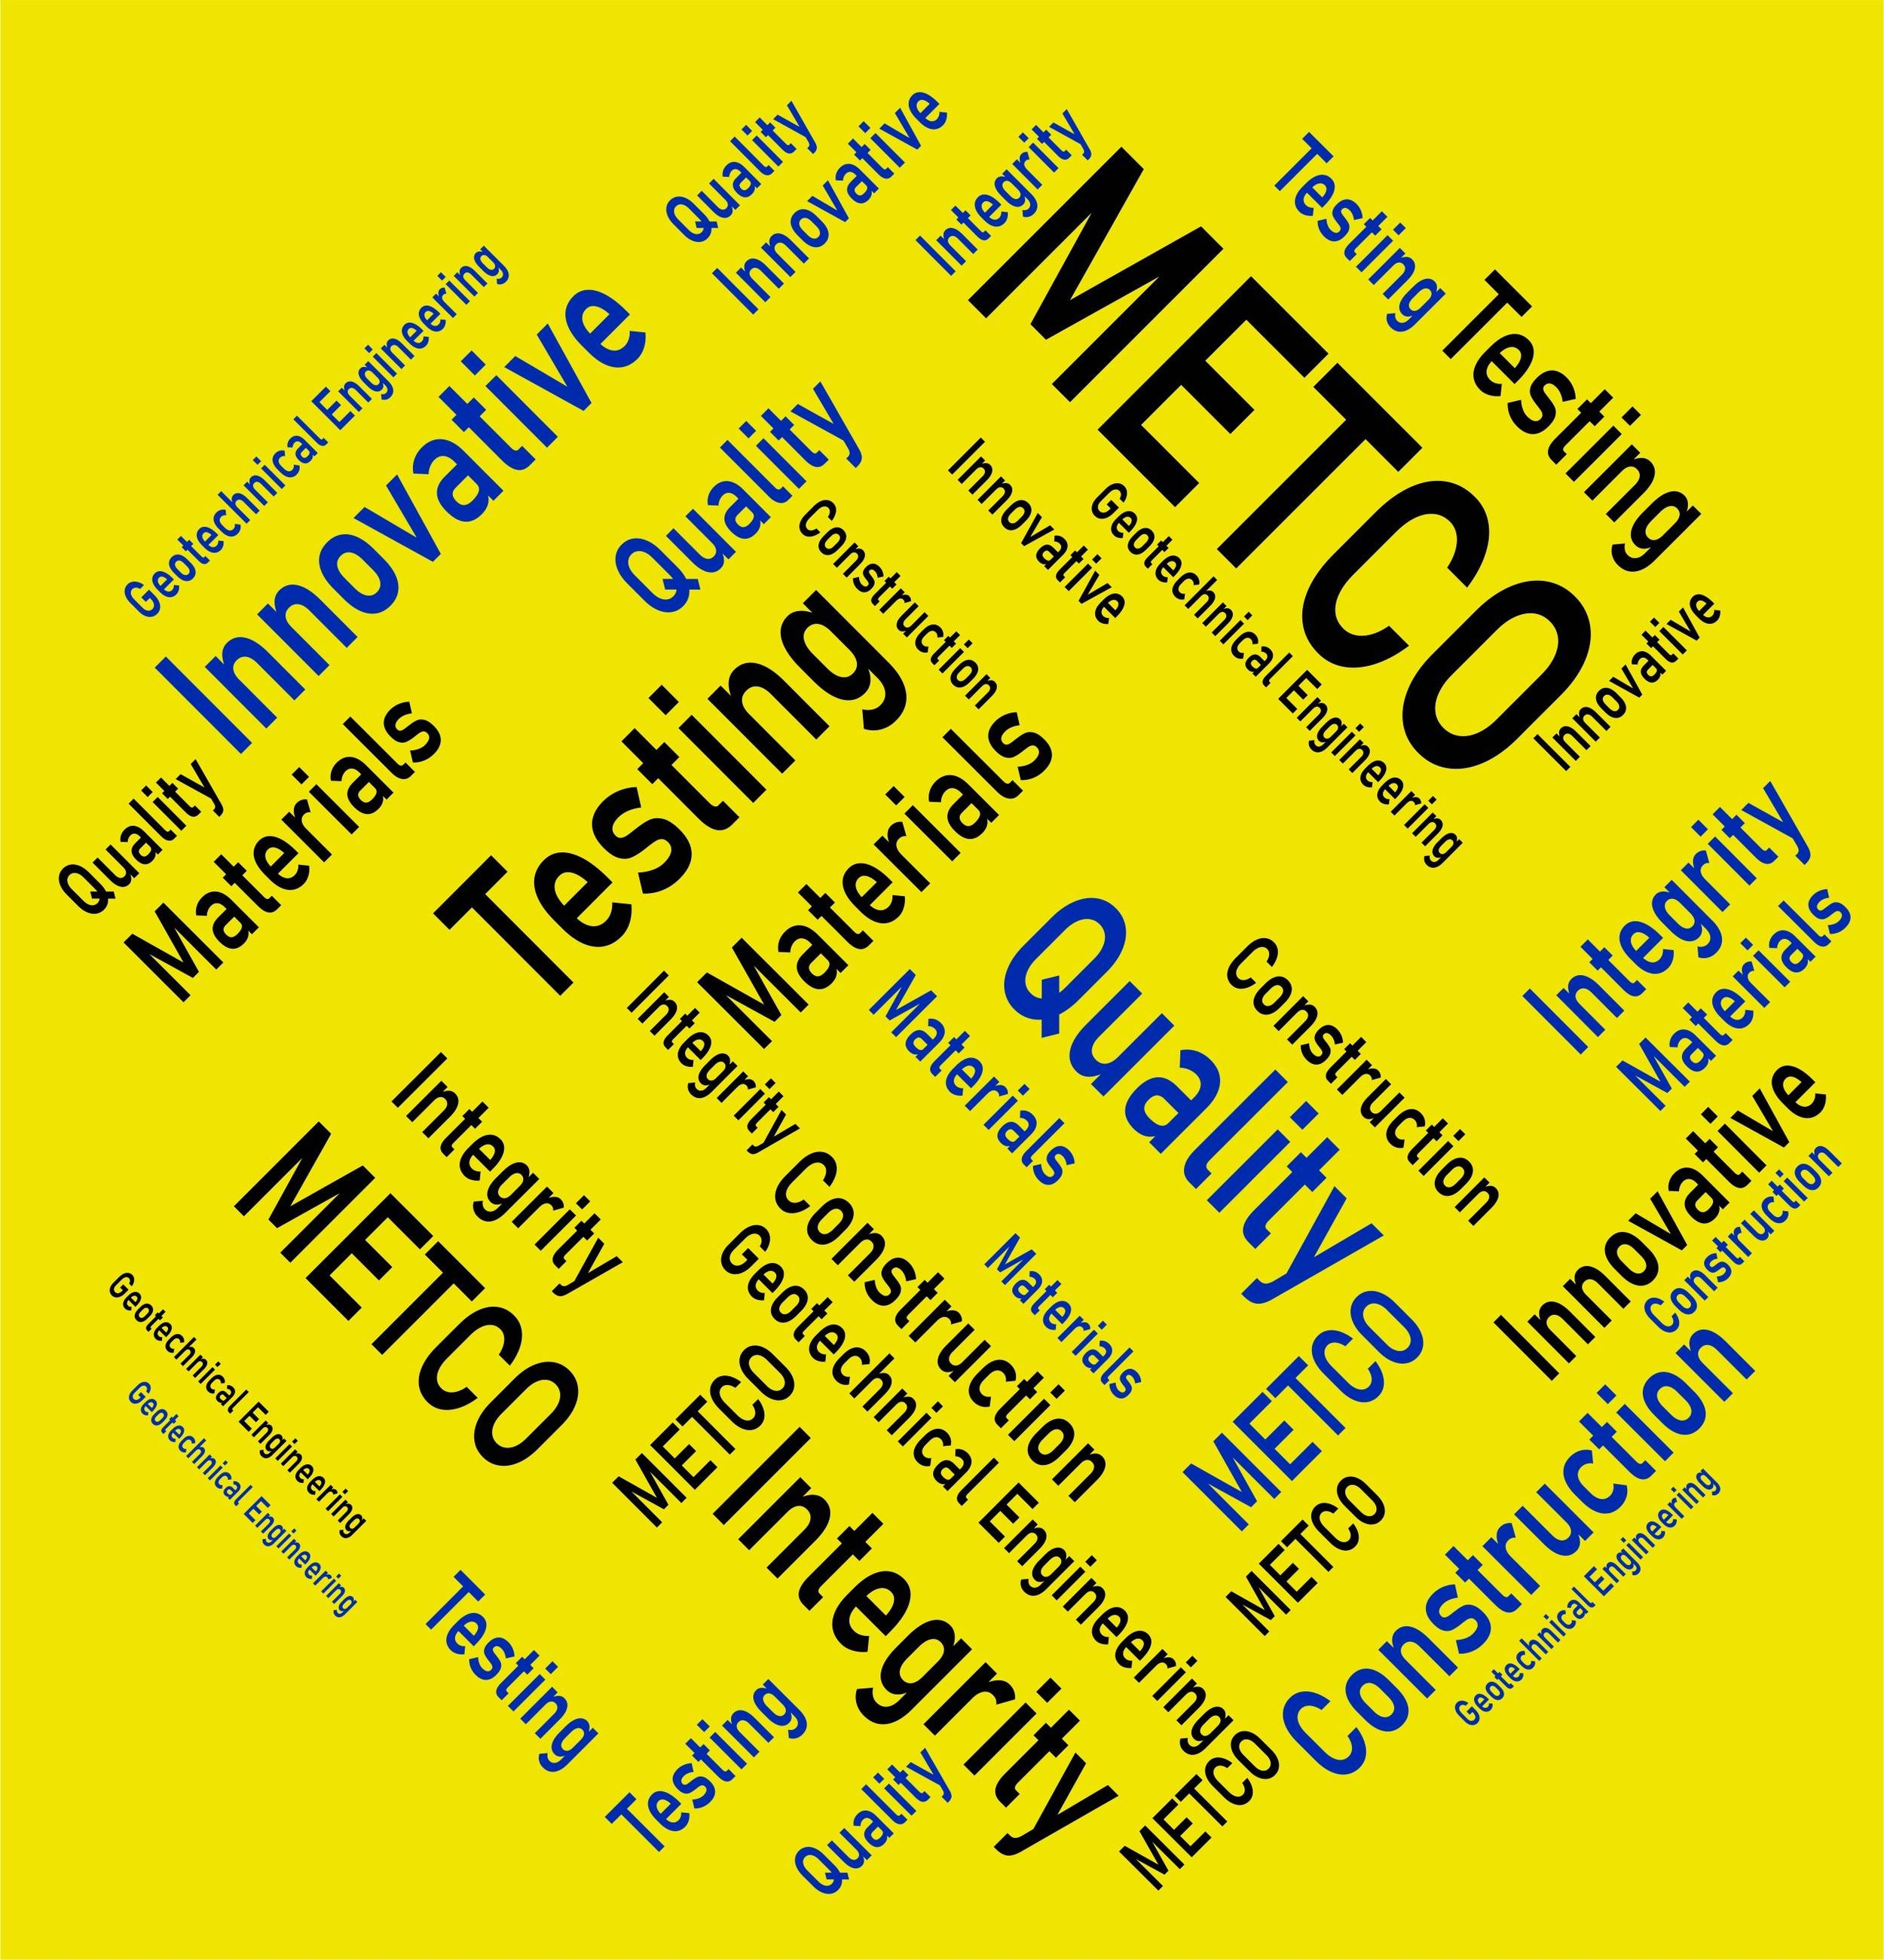 2019 METCO wordle.jpg